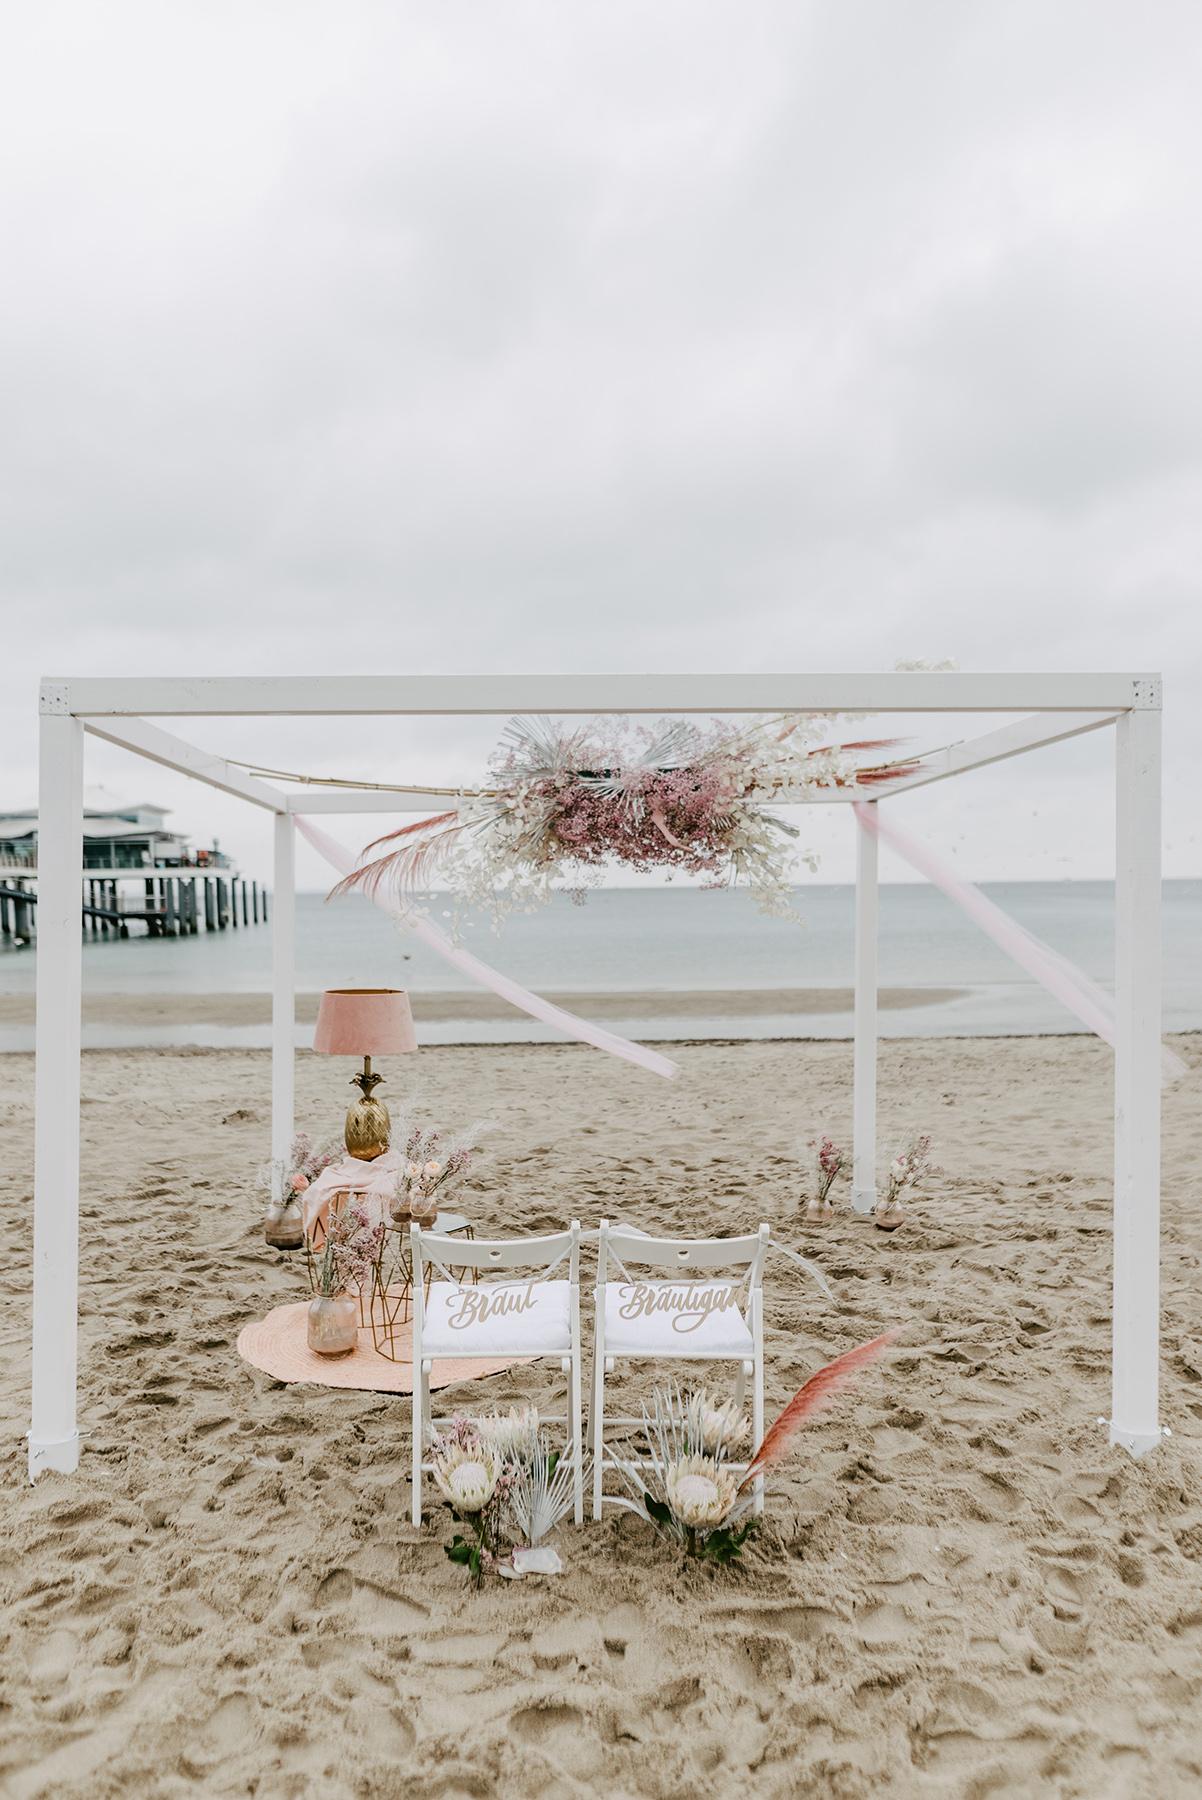 Stuhlschild BRaut Bräutigam Trauung Hochzeit